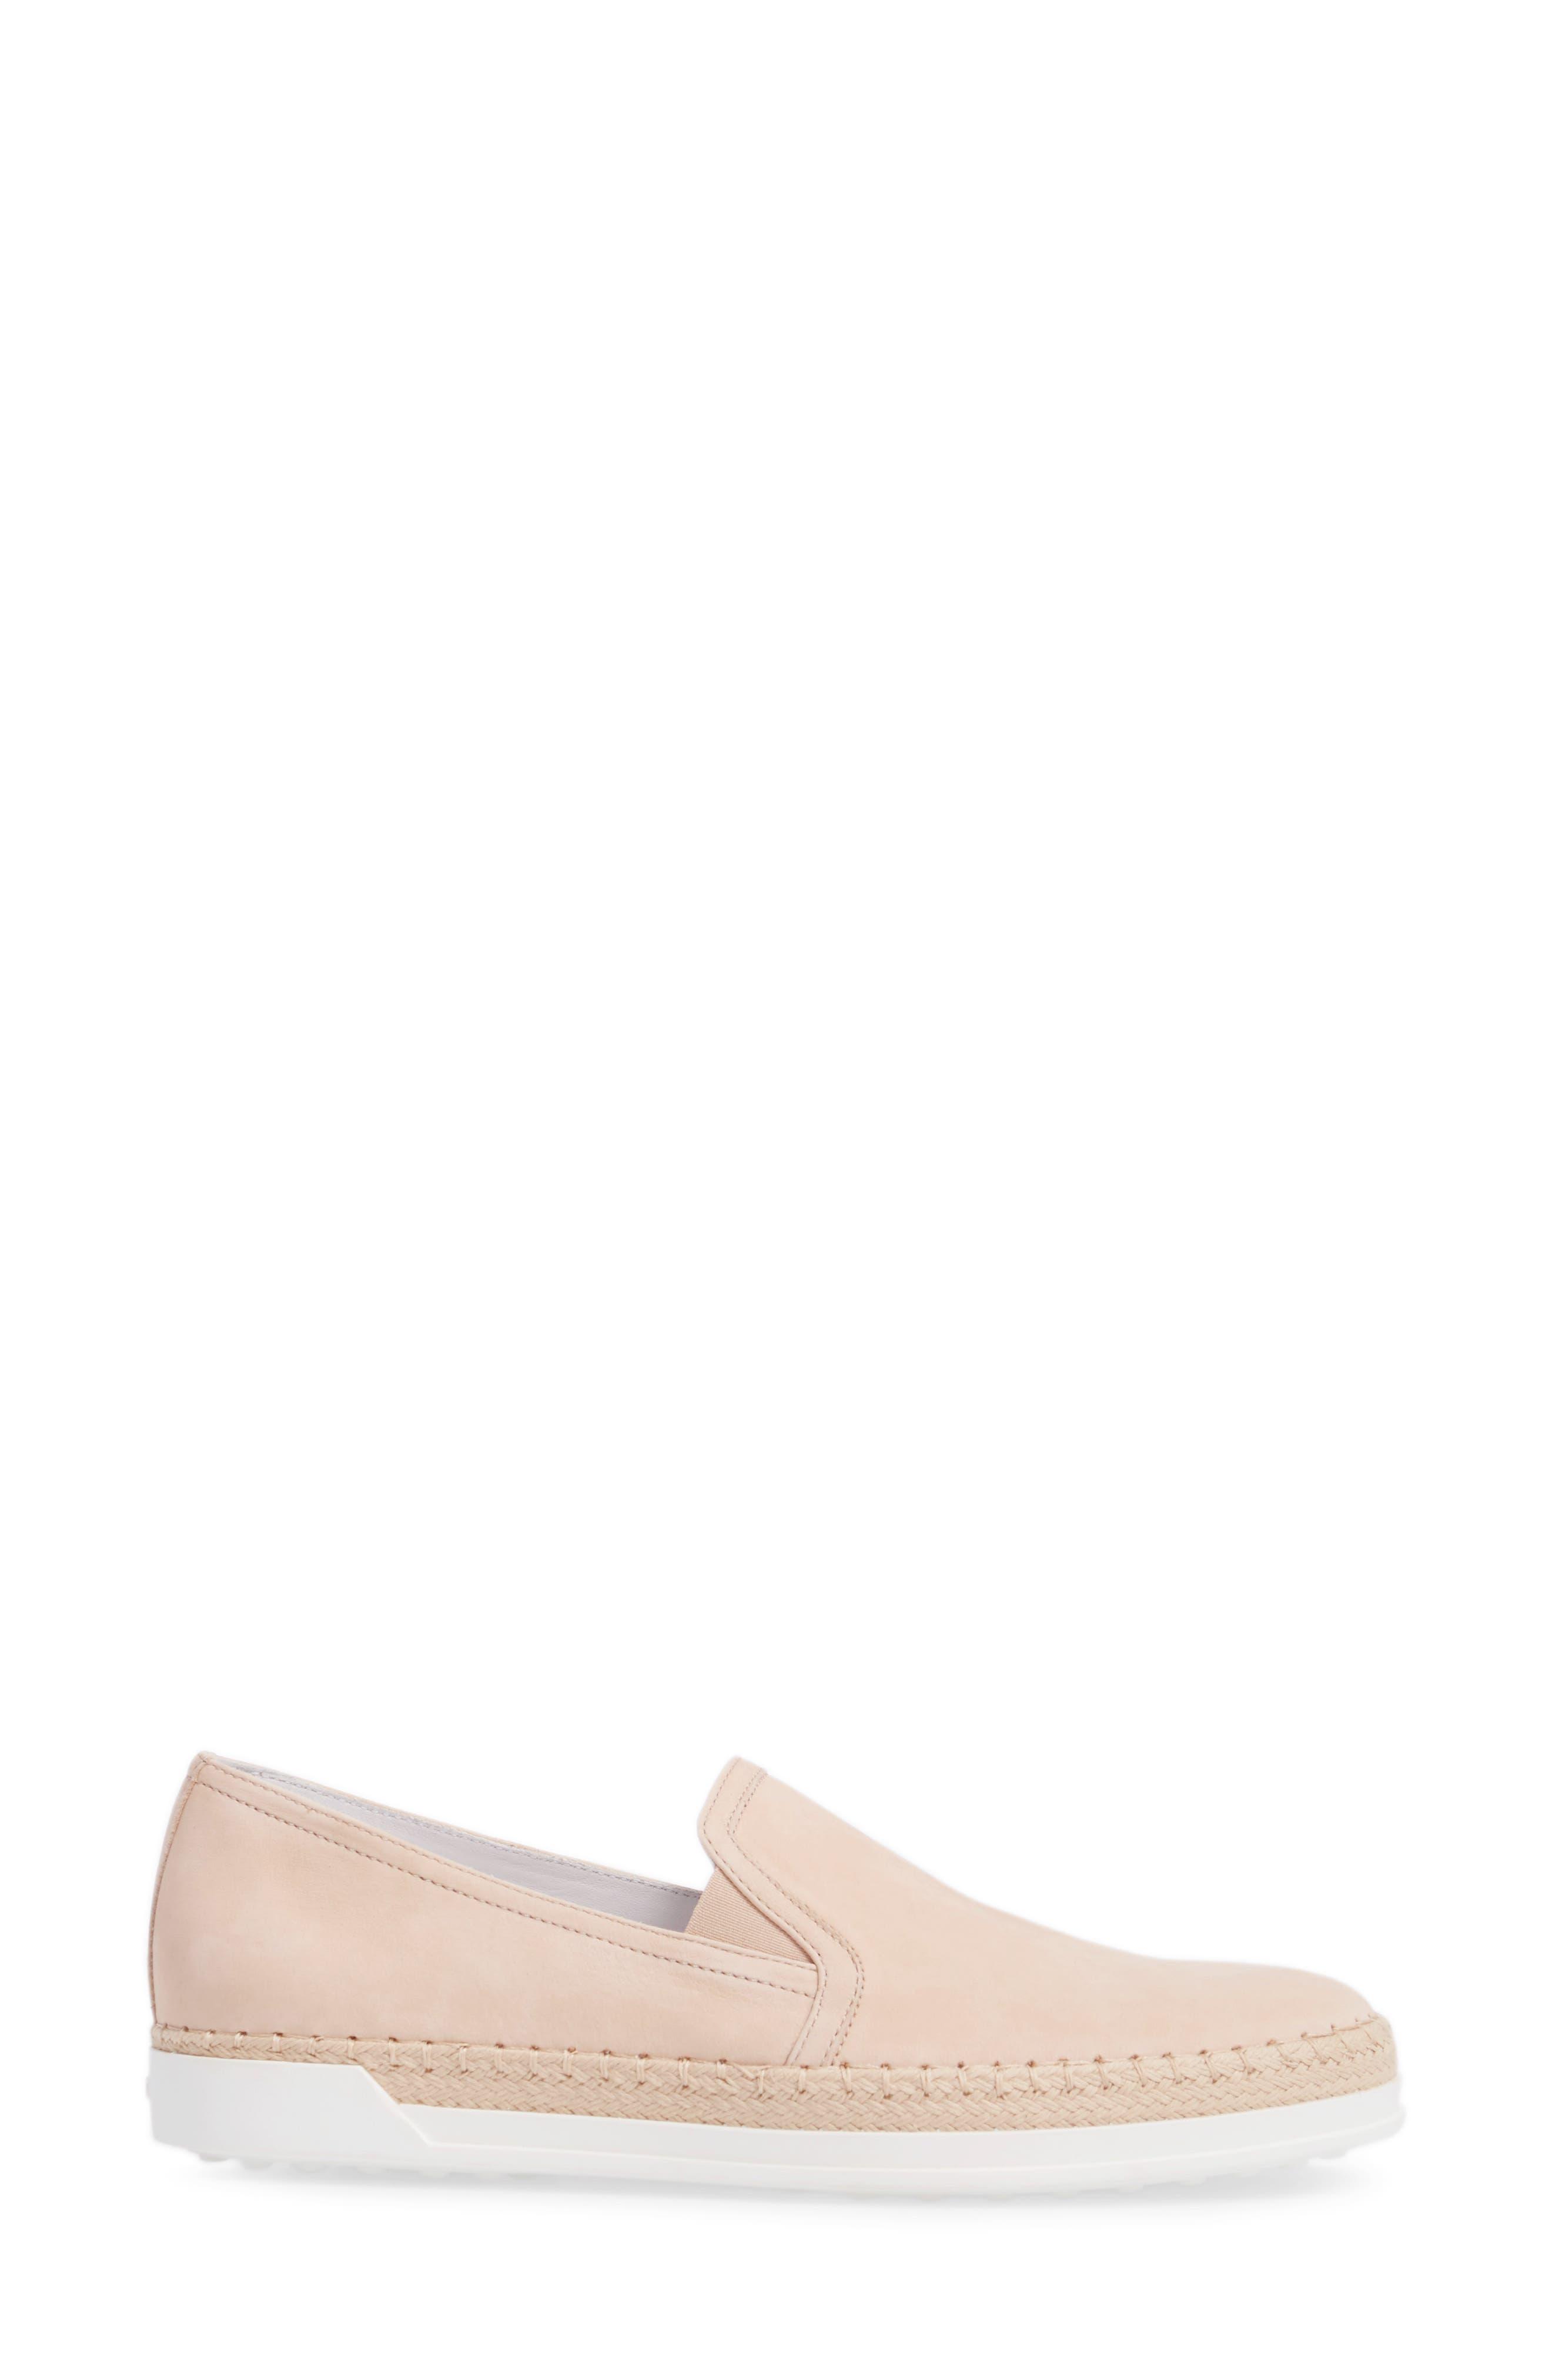 Espadrille Slip-On Sneaker,                             Alternate thumbnail 3, color,                             Ballerina Pink